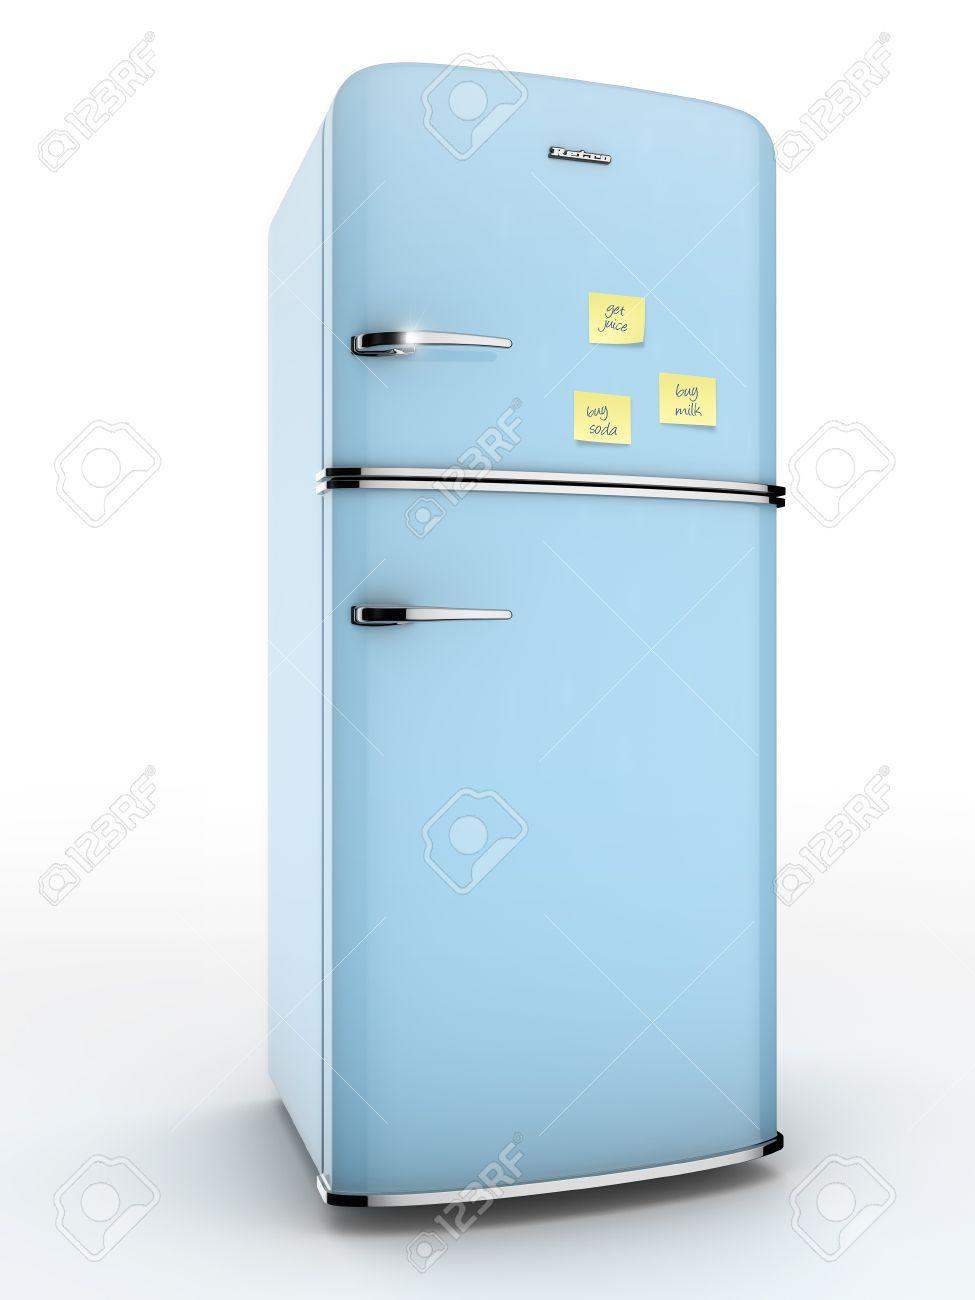 Blaue Retro Kühlschrank Lizenzfreie Fotos, Bilder Und Stock ...